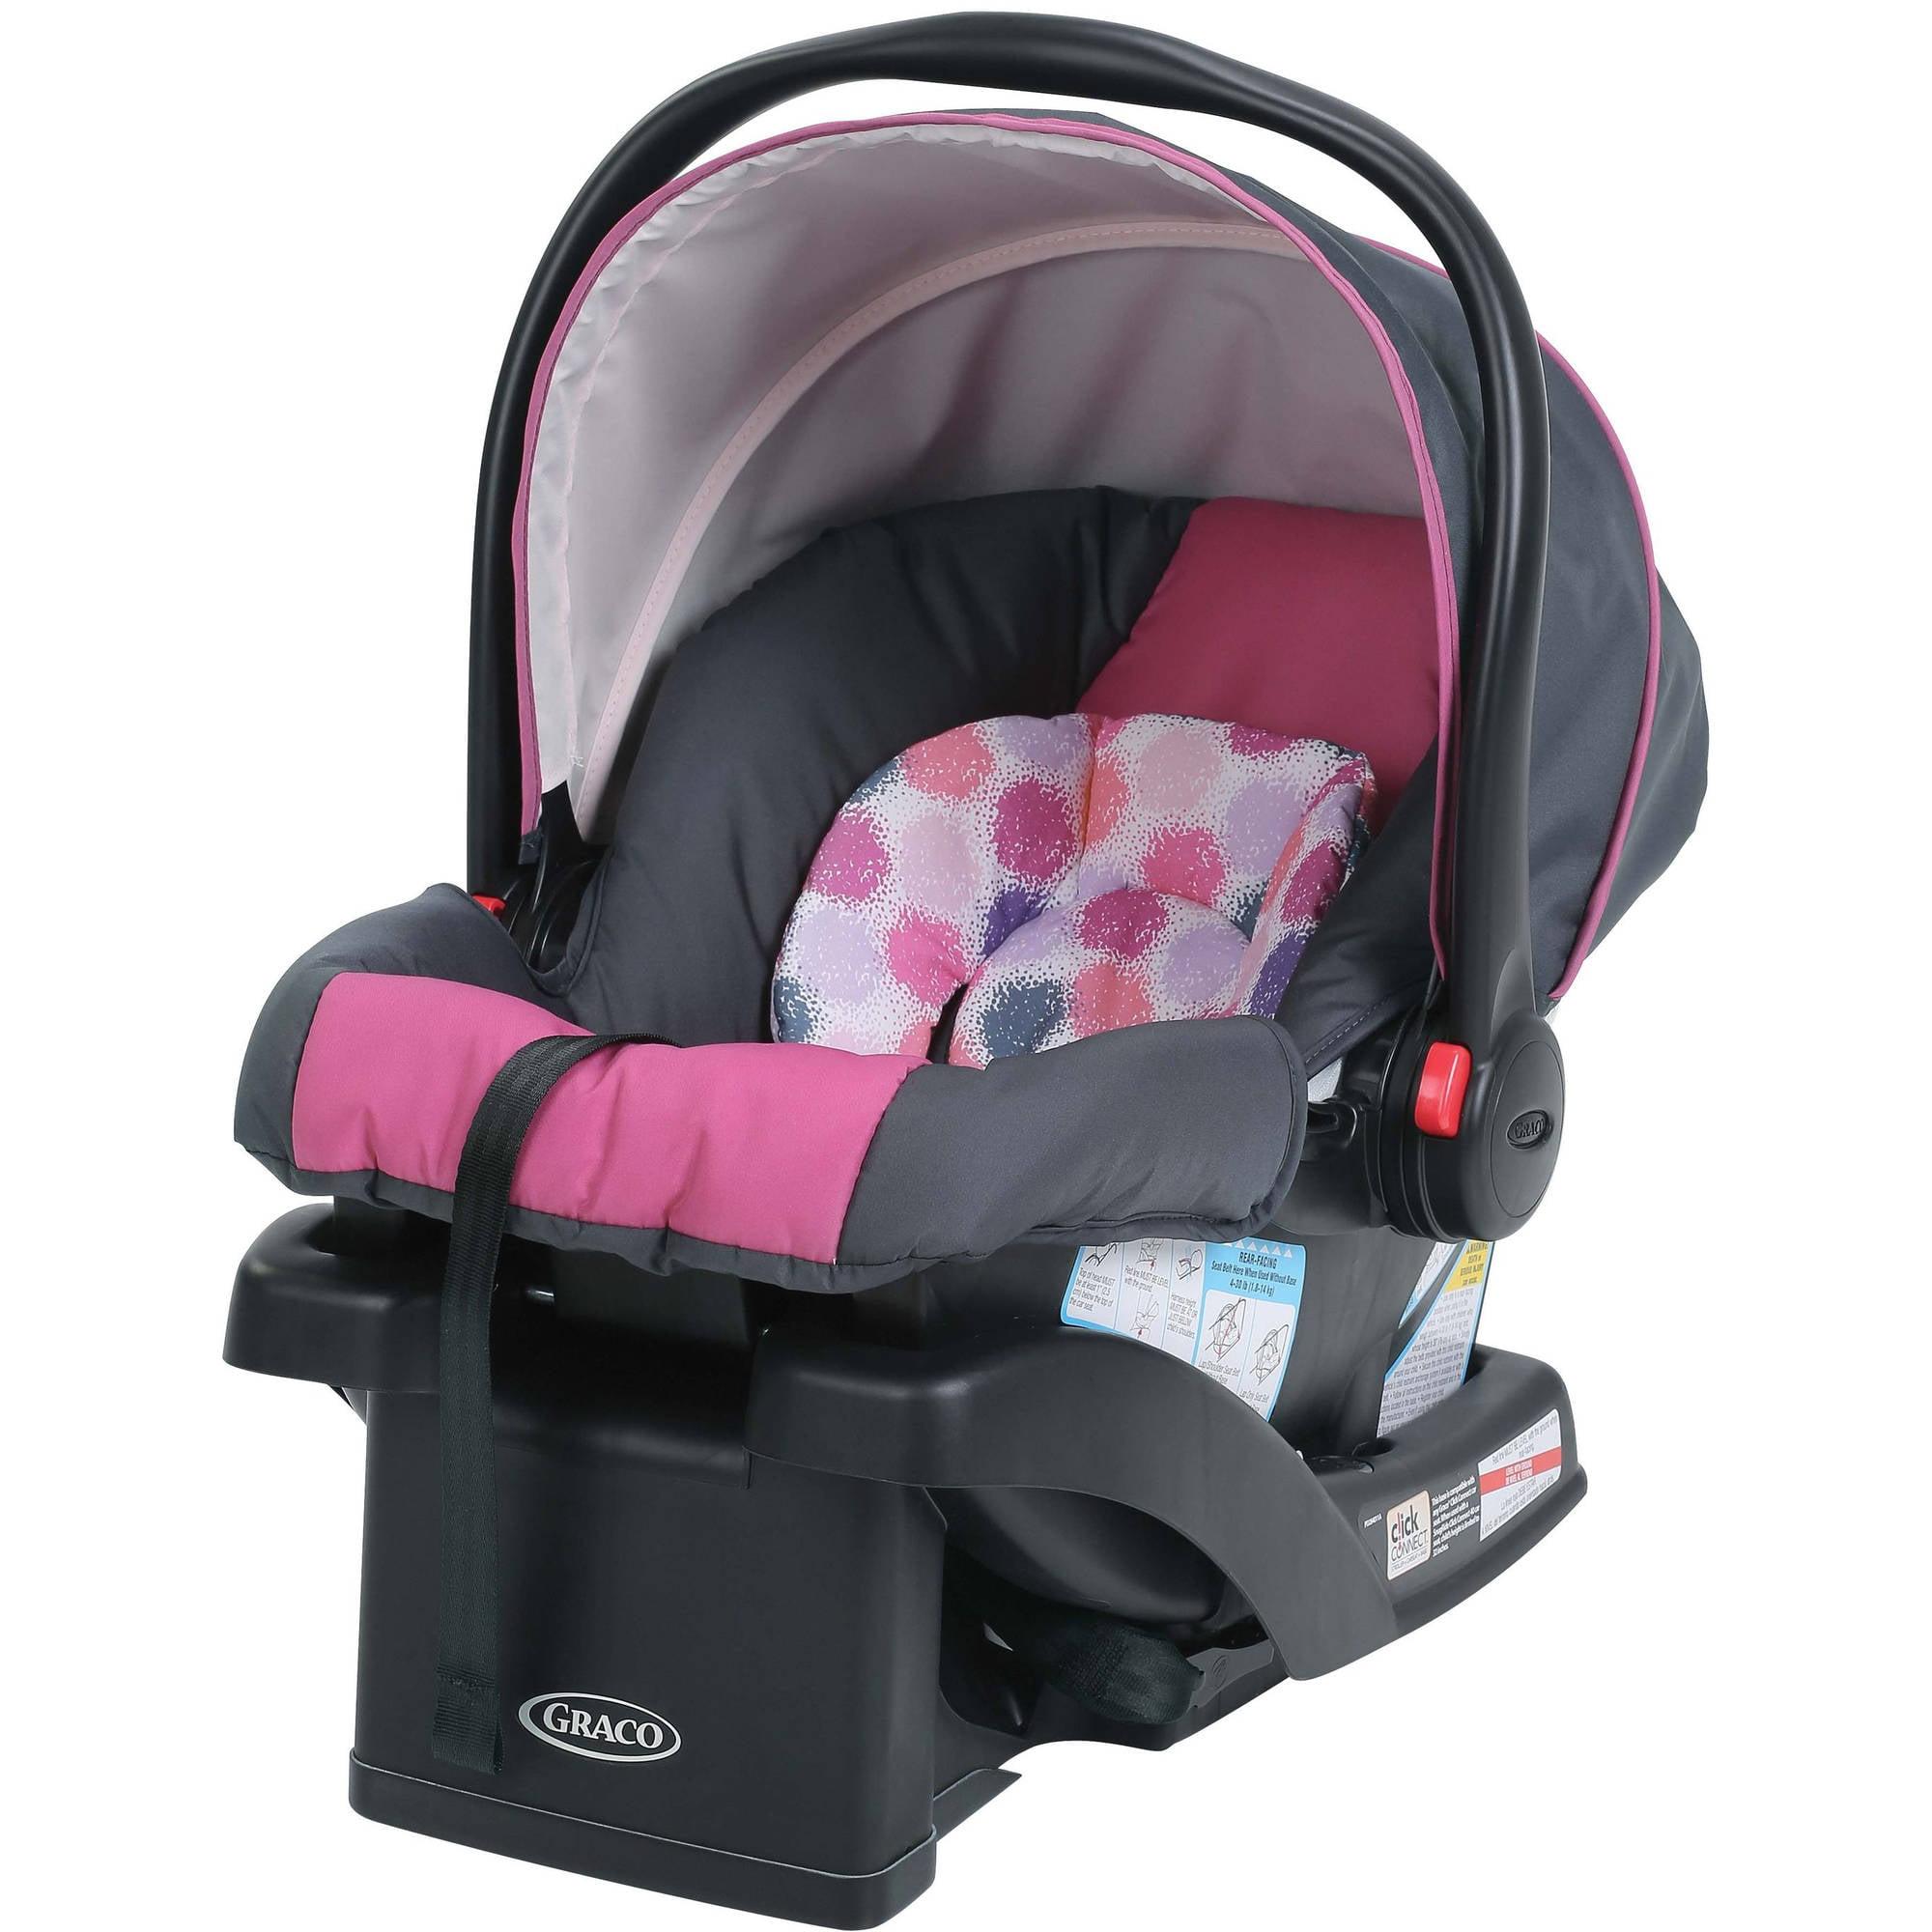 Graco SnugRide Click Connect 30 Infant Car Seat, Jane